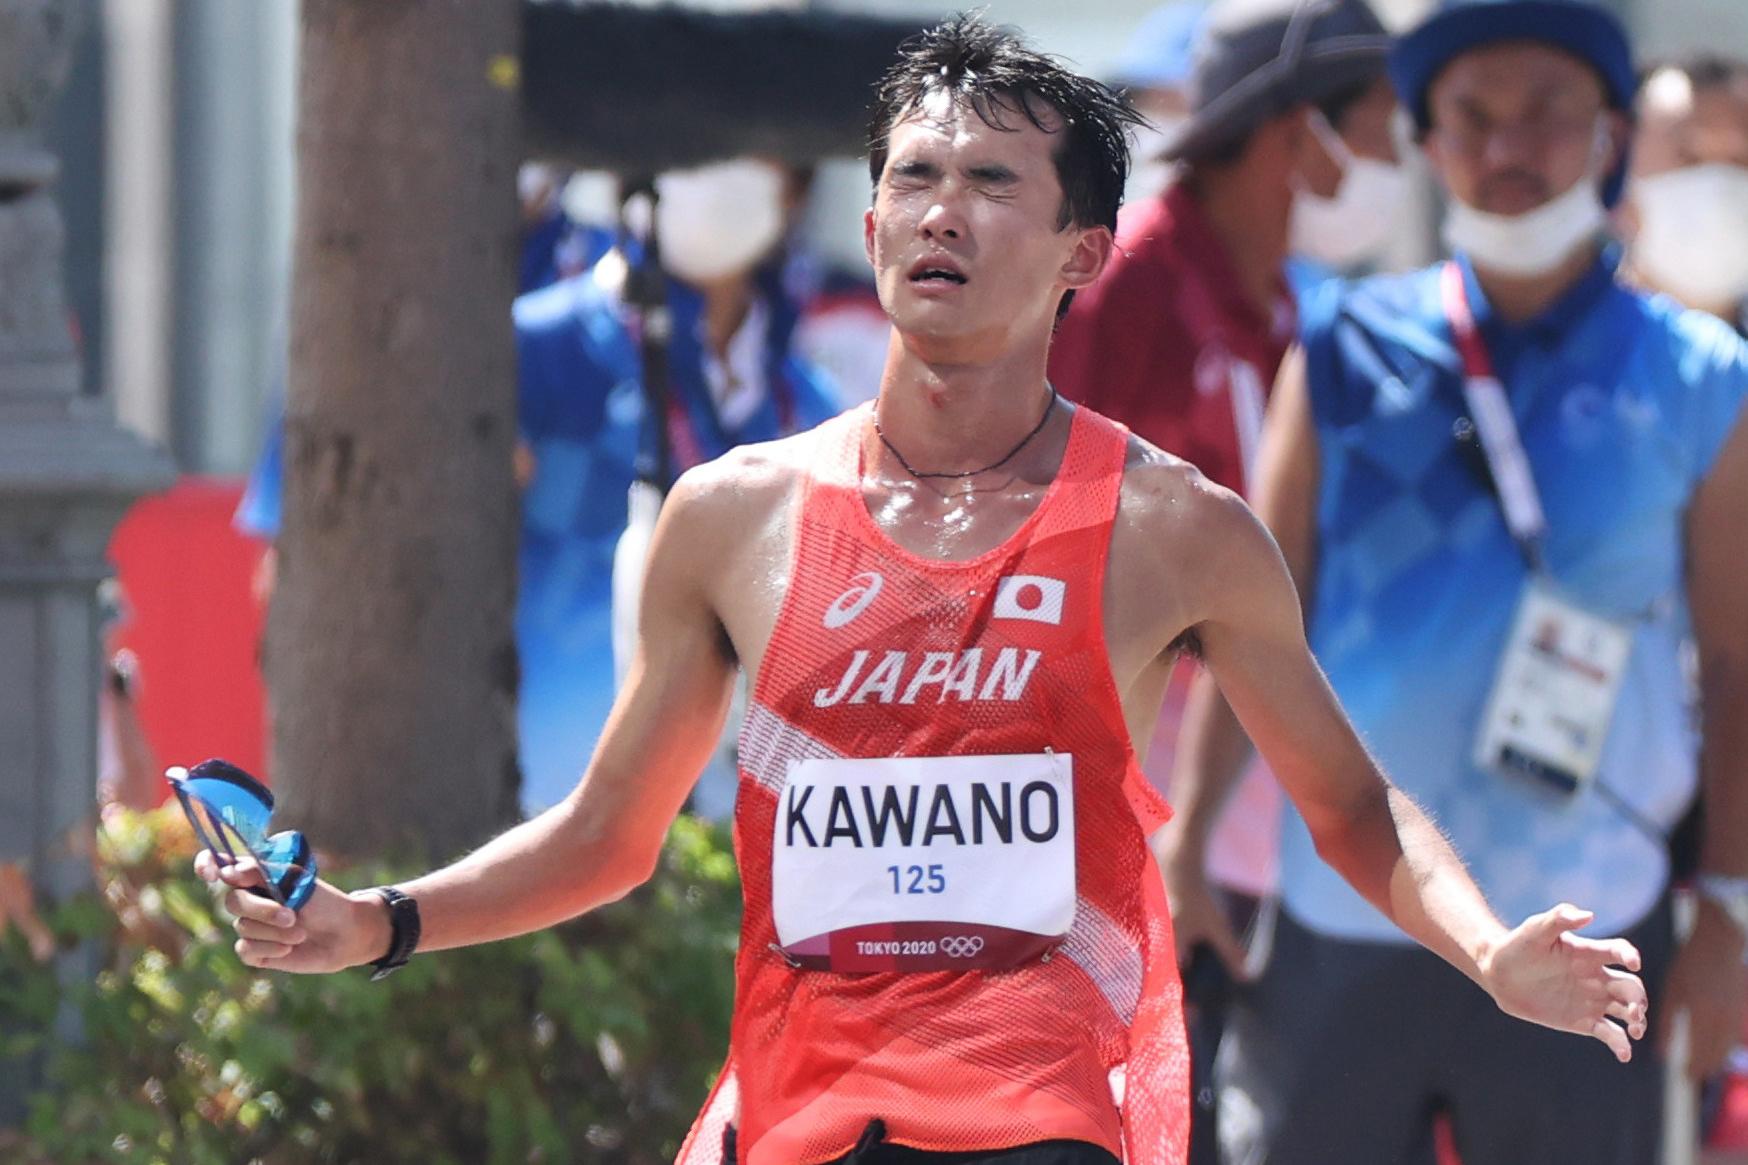 「弱虫だった」川野将虎が五輪最後の50km競歩で6位!途中、体調不良も地面叩いて追い上げ